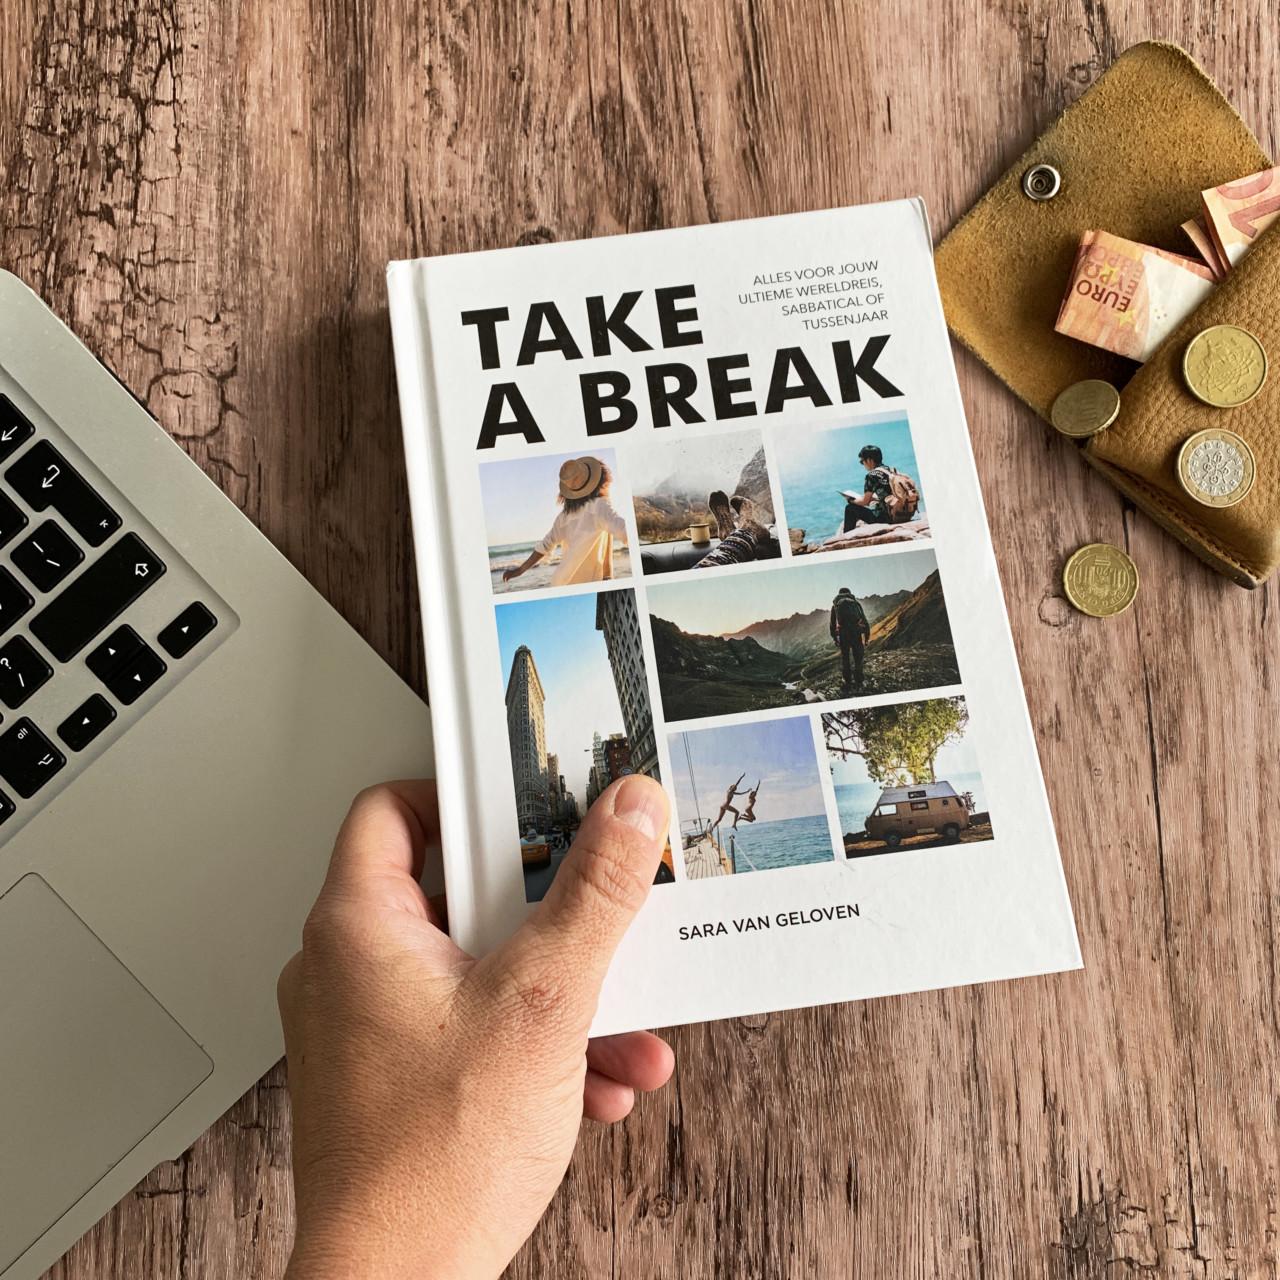 Take a break: voor lange tijd op reis